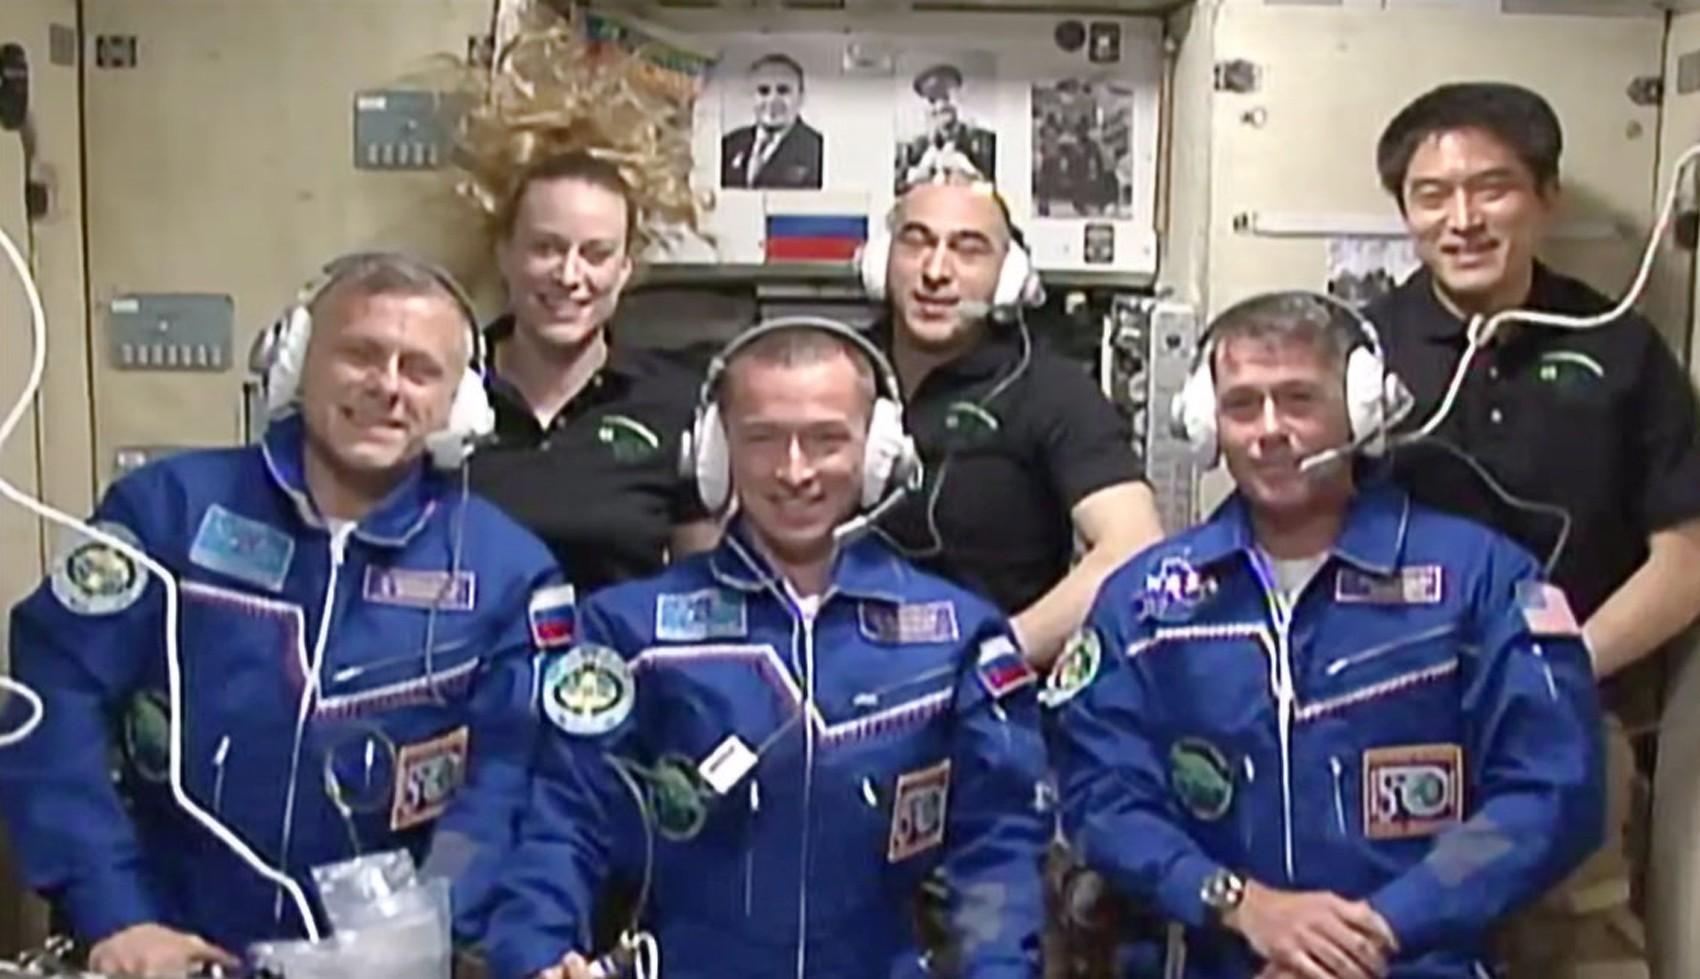 Membros da Expedição 49 se reúnem na Estação Espacial Internacional. Os três recém-chegados, de roupa azul, são (da esq. para a dir.) os russos Andrey Borisenko e Sergey Ryzhikov e o americano Shane Kimbrough. Ao fundo, estão Kate Rubins, Anatoly Ivanishi (Foto: Nasa TV)